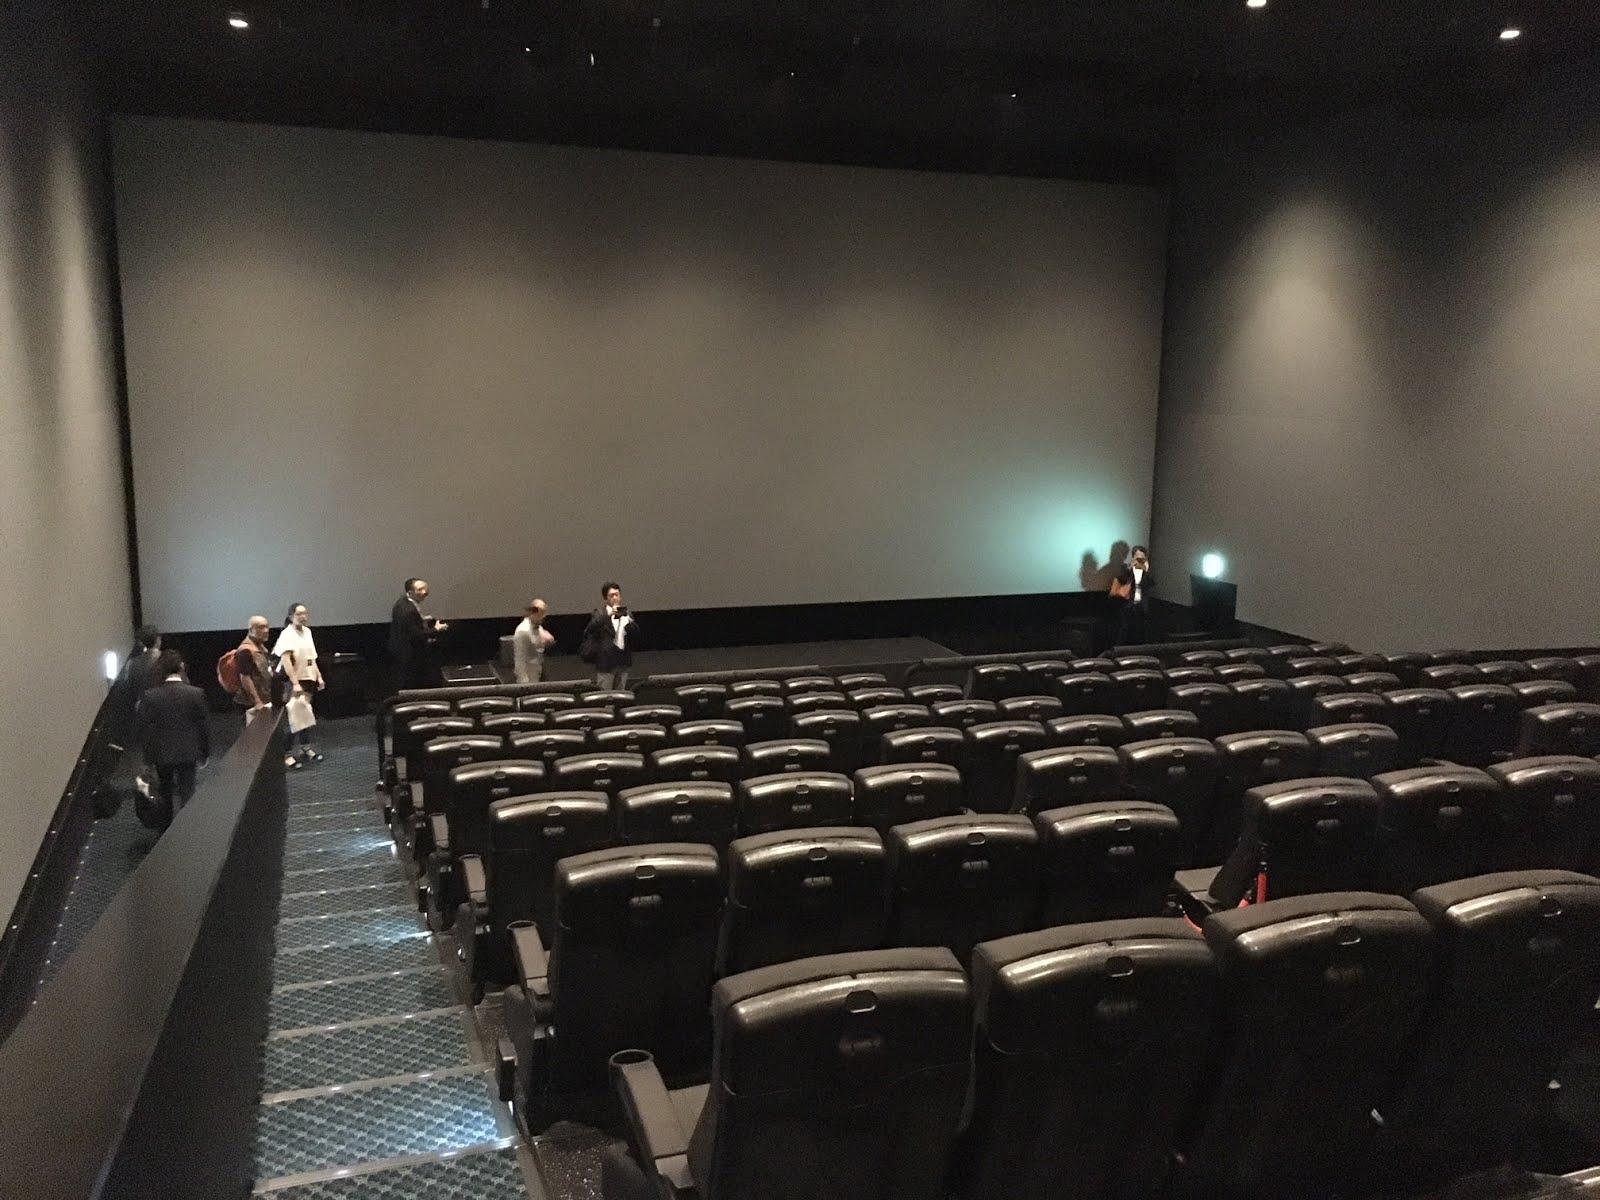 日刊建設工業新聞ブログ 3面上映 4dxの新システム導入 映画館主体の商業施設 キュープラザ池袋 あす開業